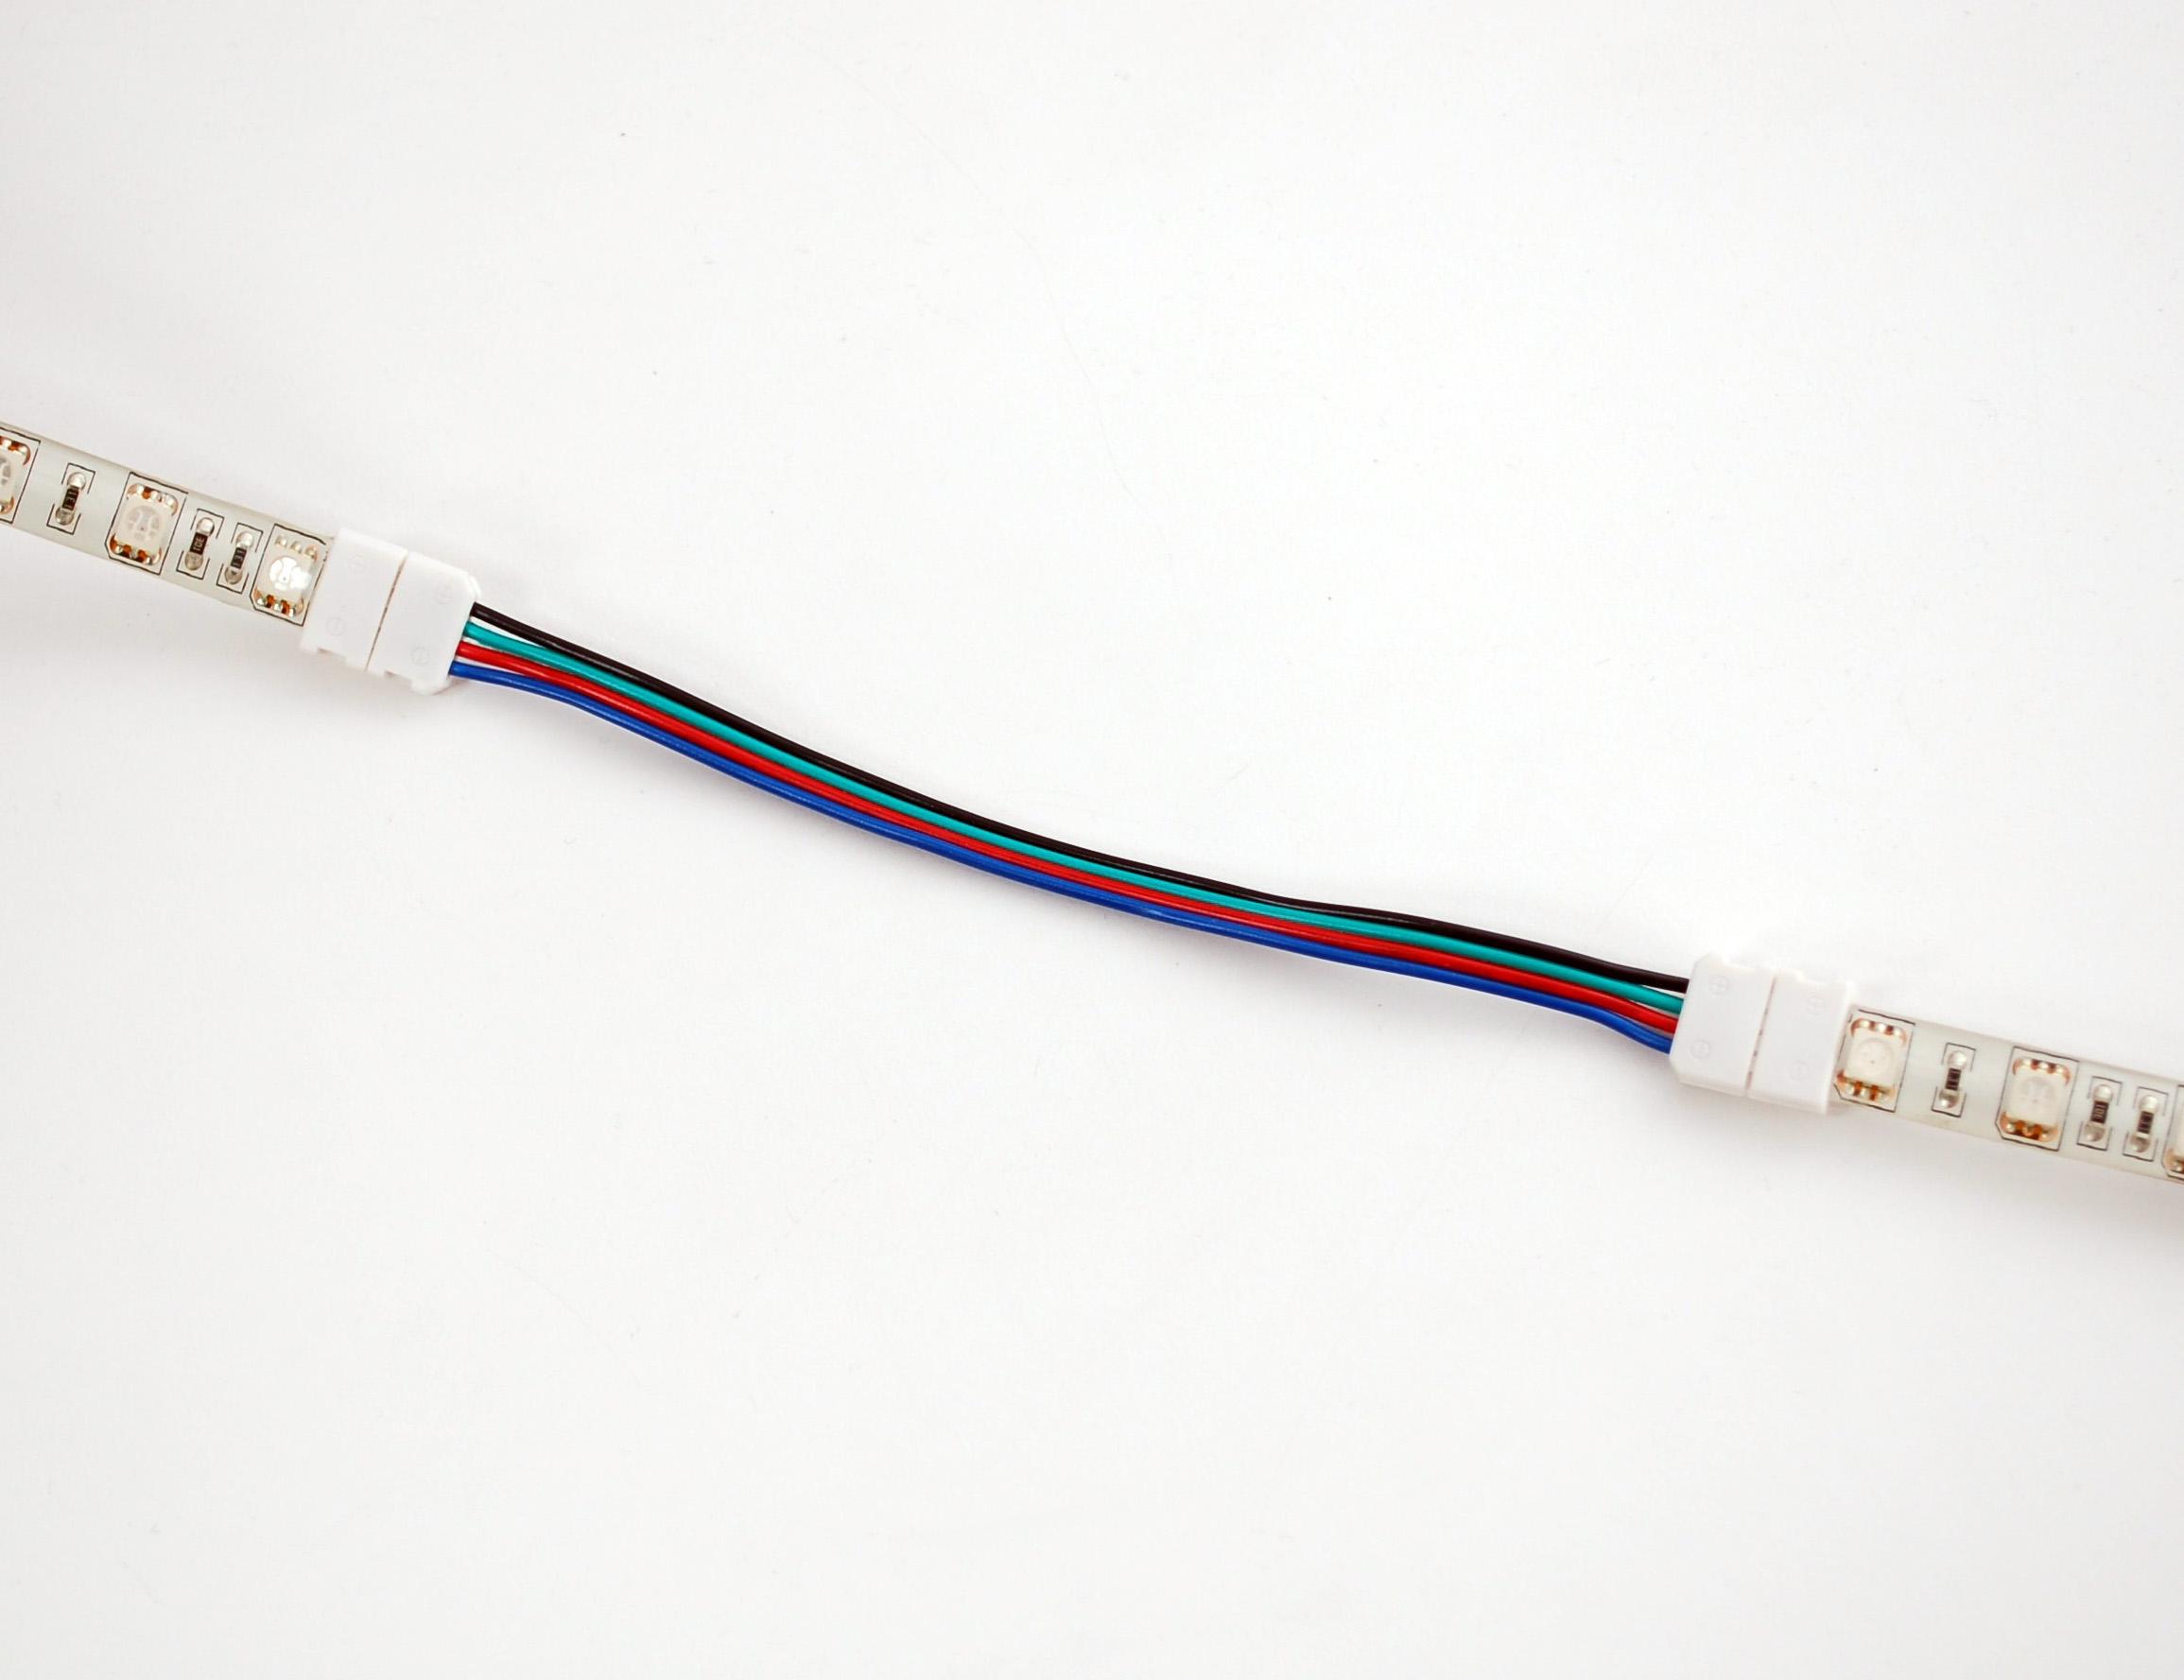 led_strips_DSC_1221.jpg